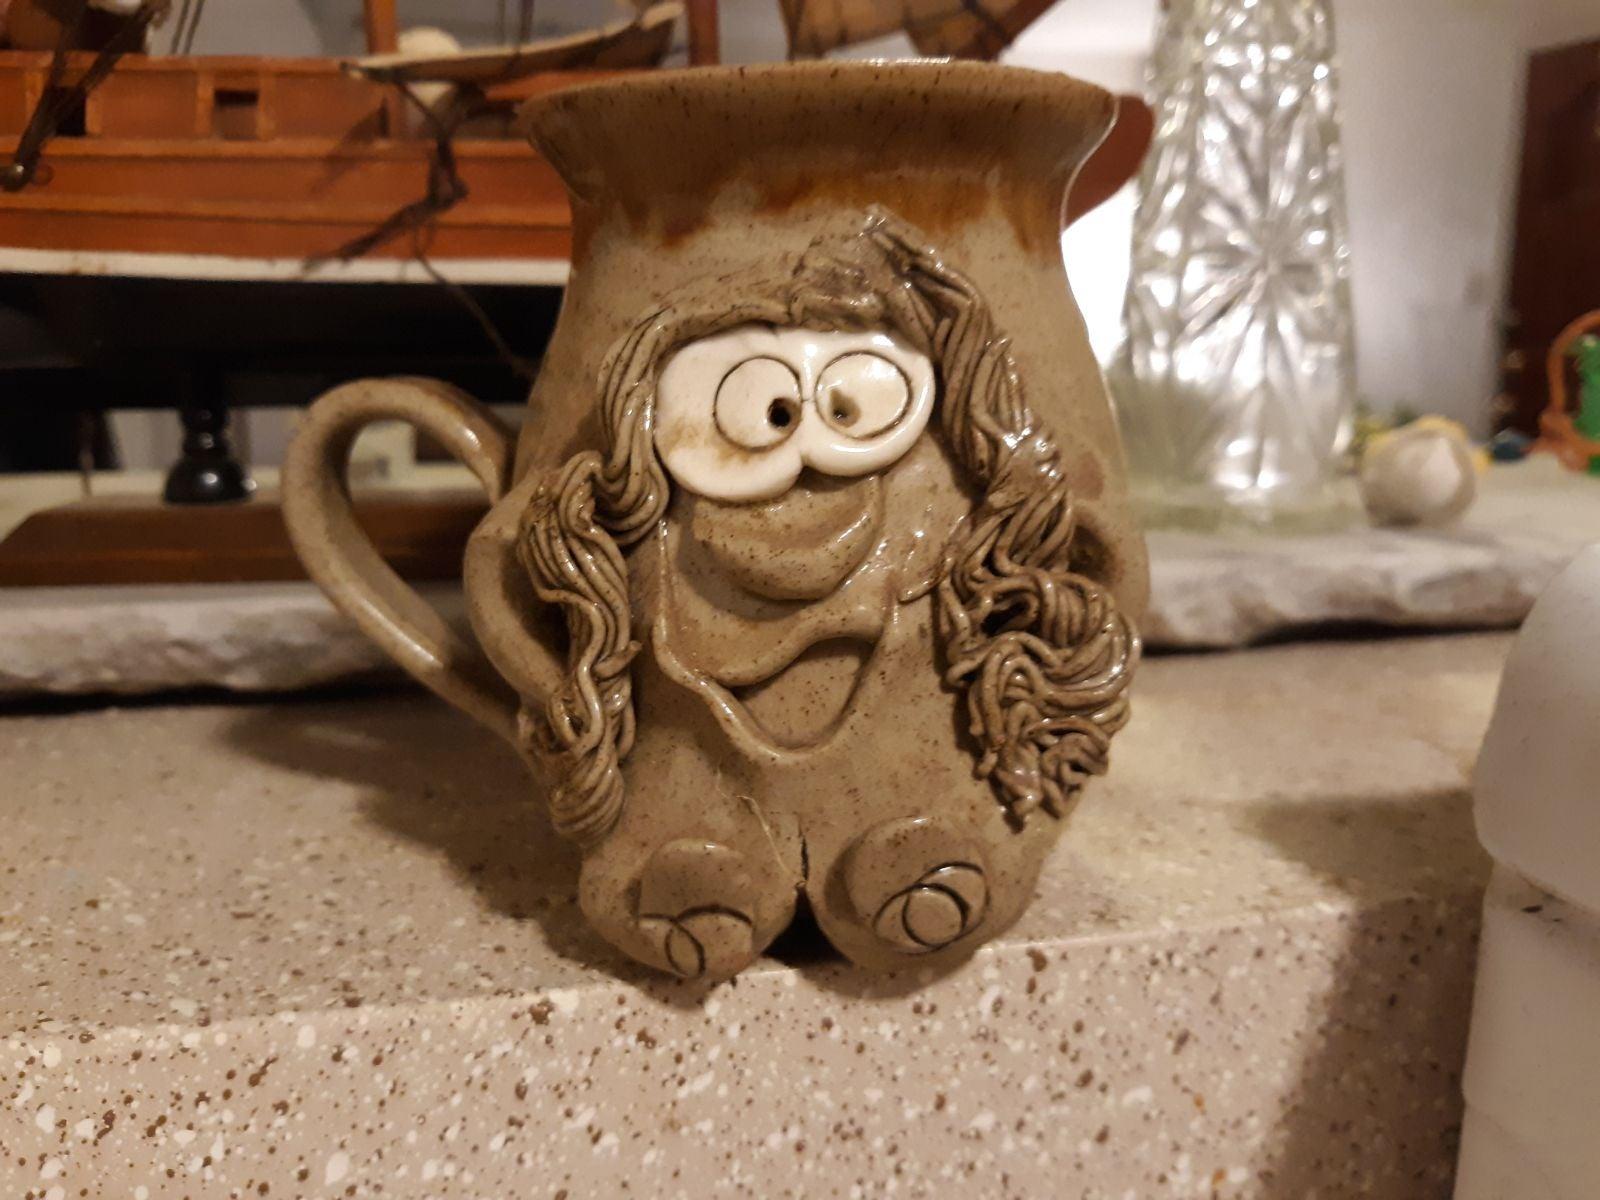 Ugly pottery